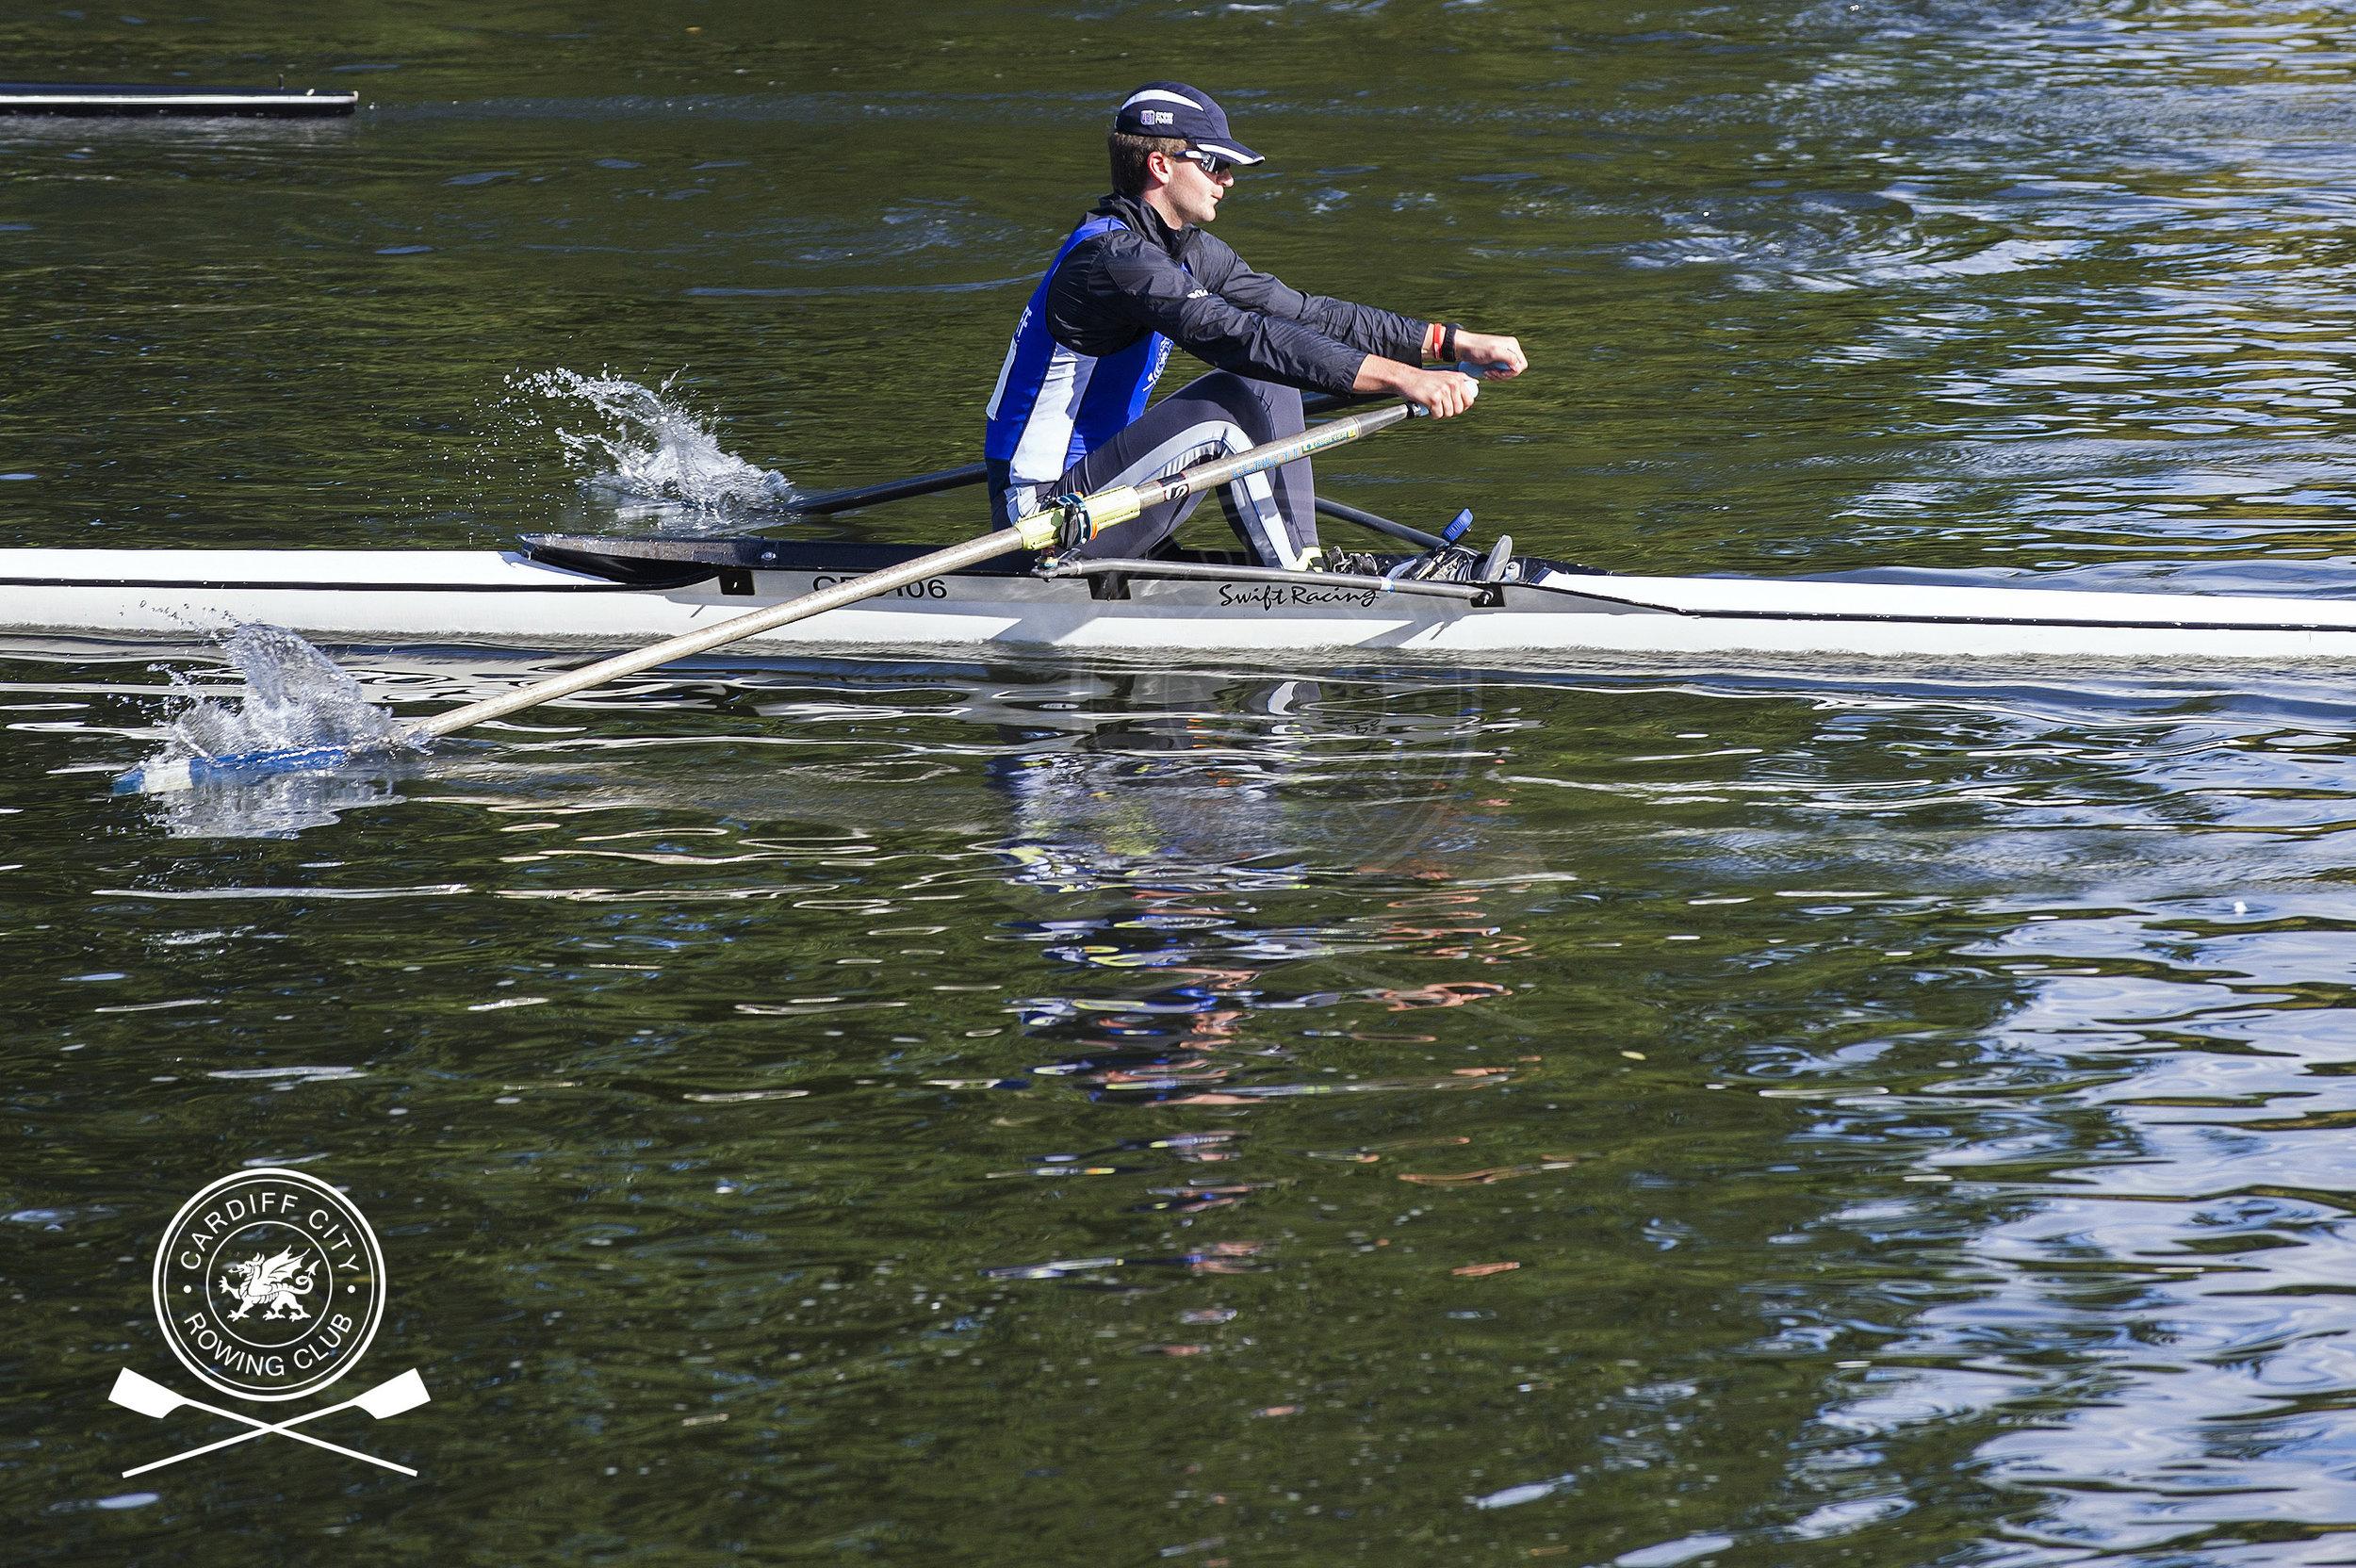 Cardiff_City_Head_Race_158.jpg